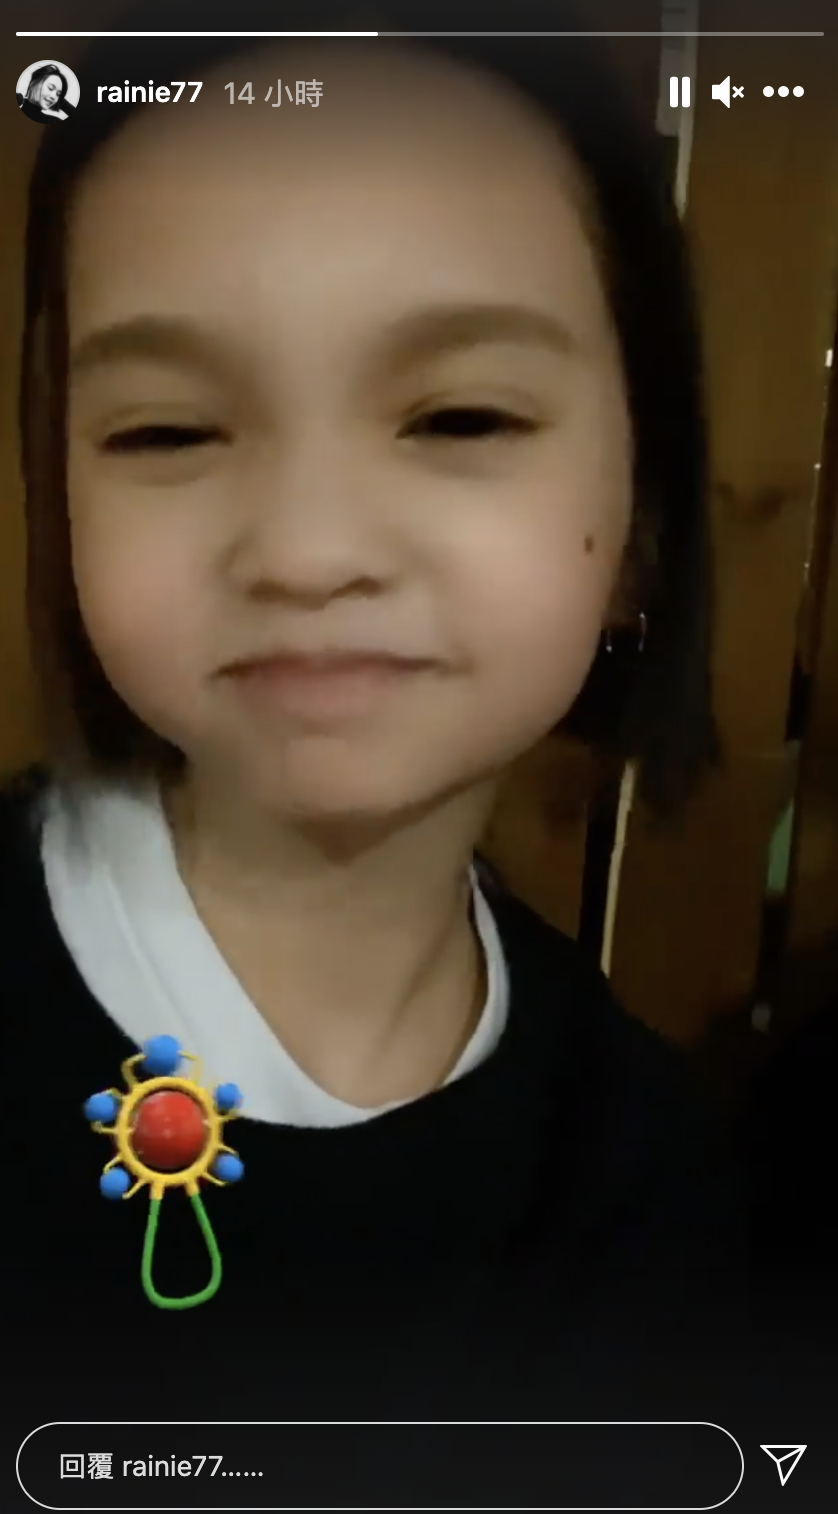 丞琳滿臉幸福